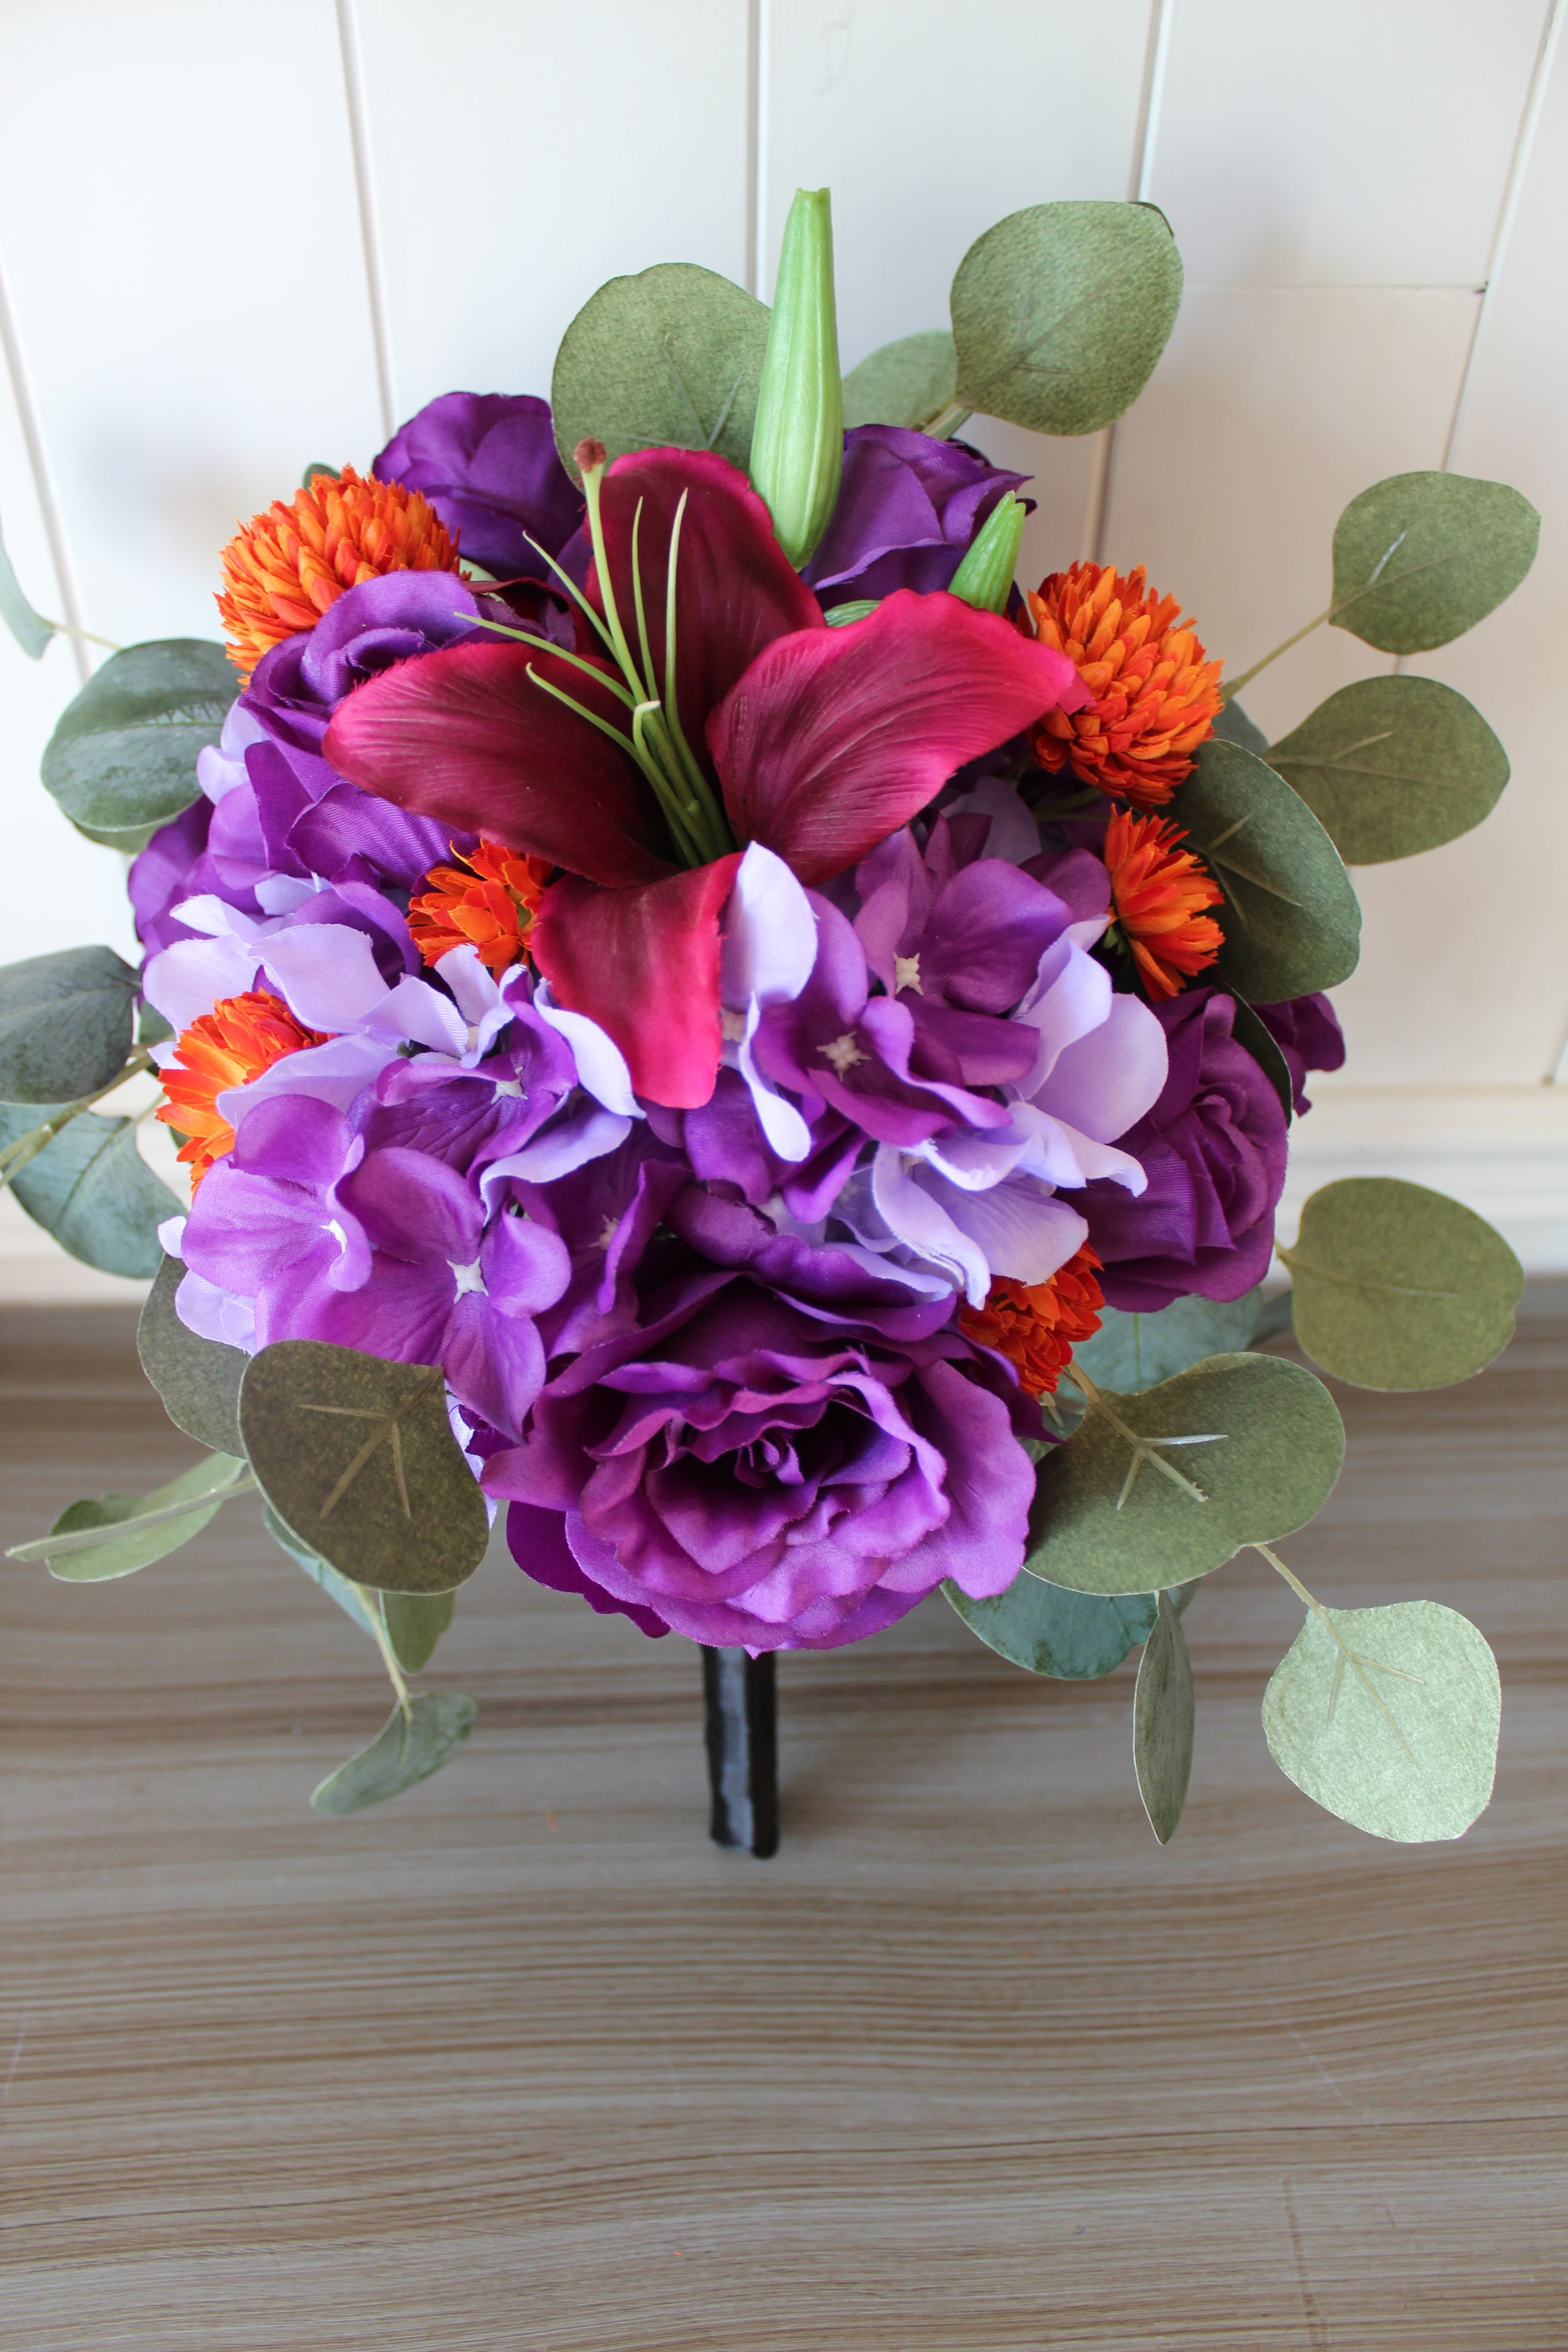 rustic-barn-wedding-flowers-minneapolis.jpg